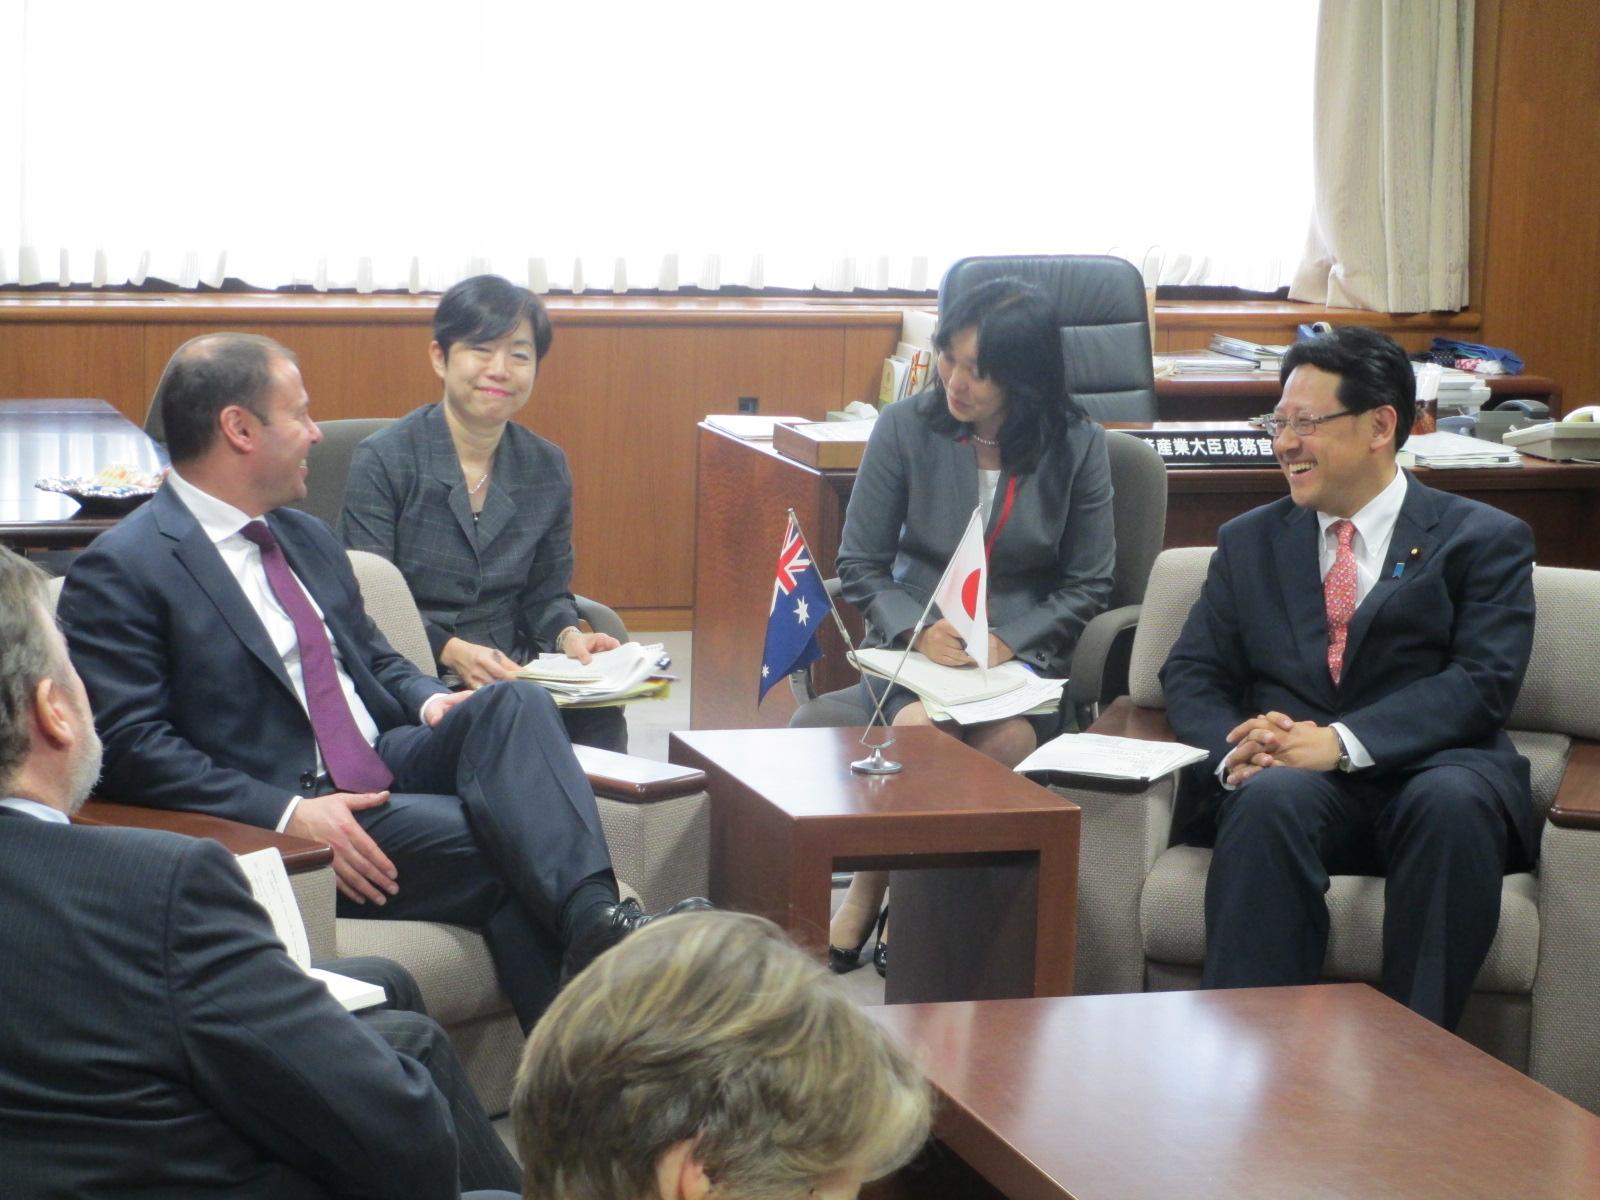 オーストラリアのジョシュ財務閣外大臣が来訪されました